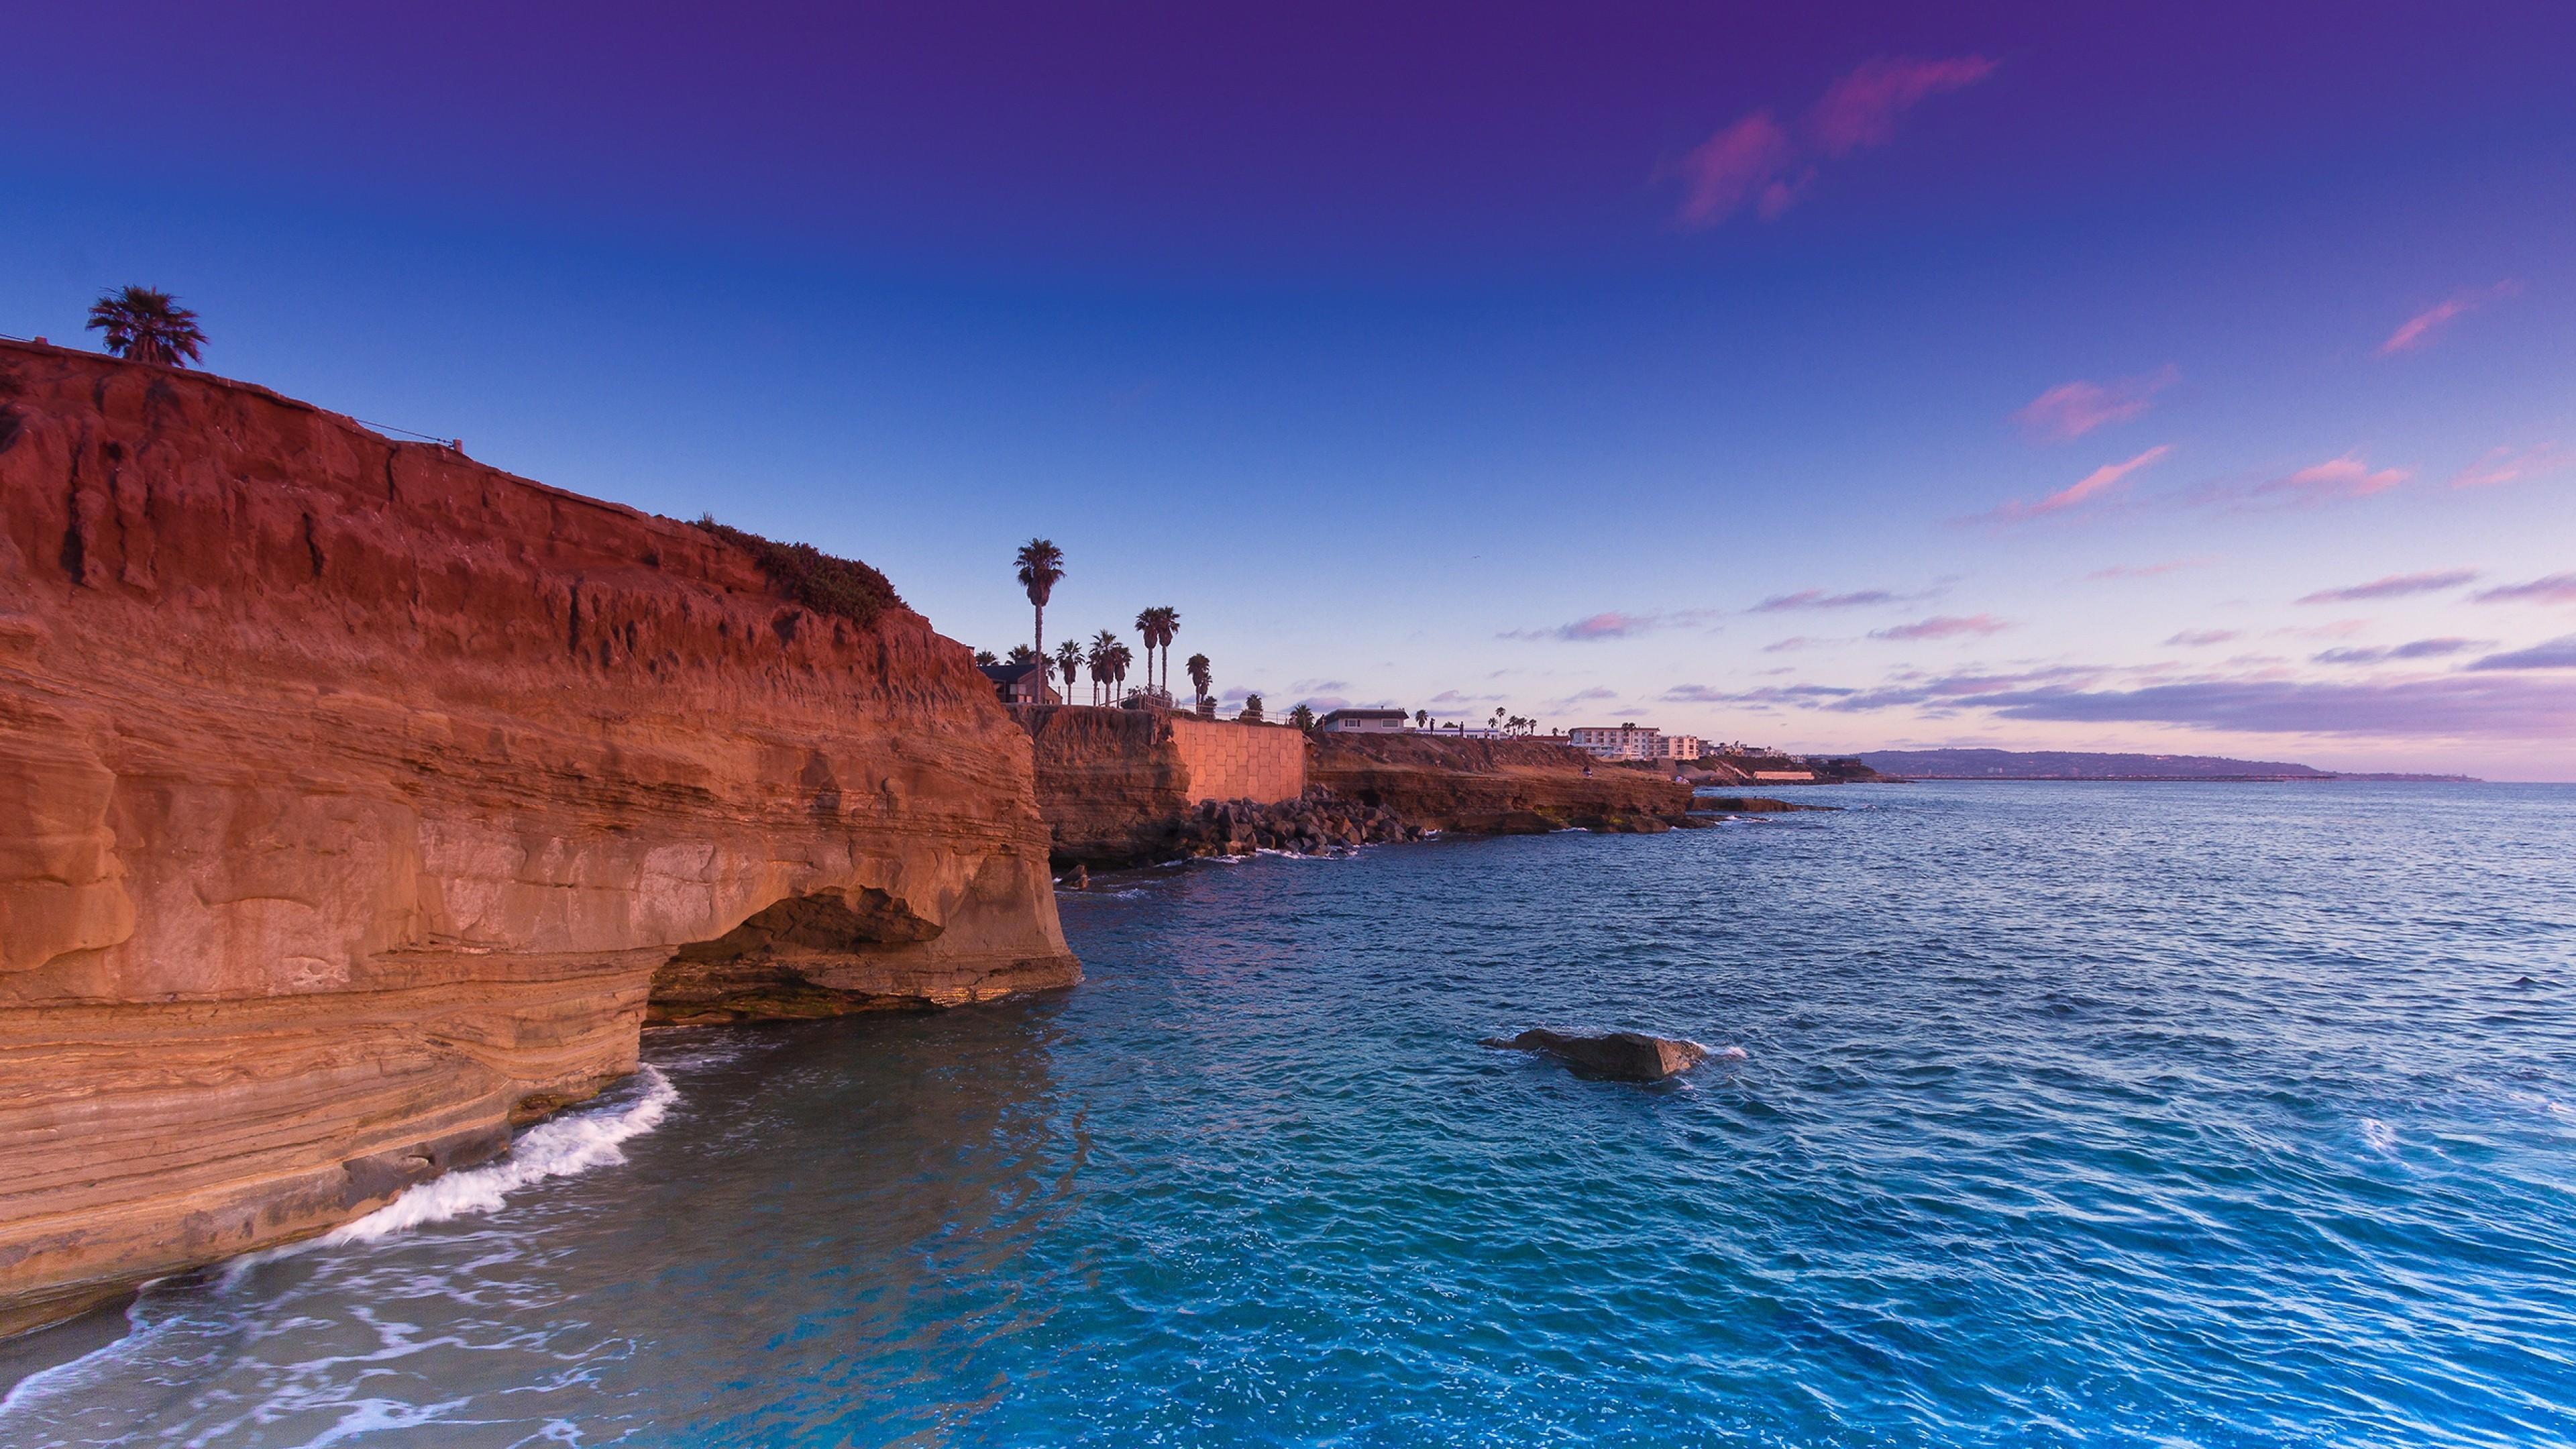 Sea Rocks Beach Summer - Sunset Cliffs 4k - HD Wallpaper